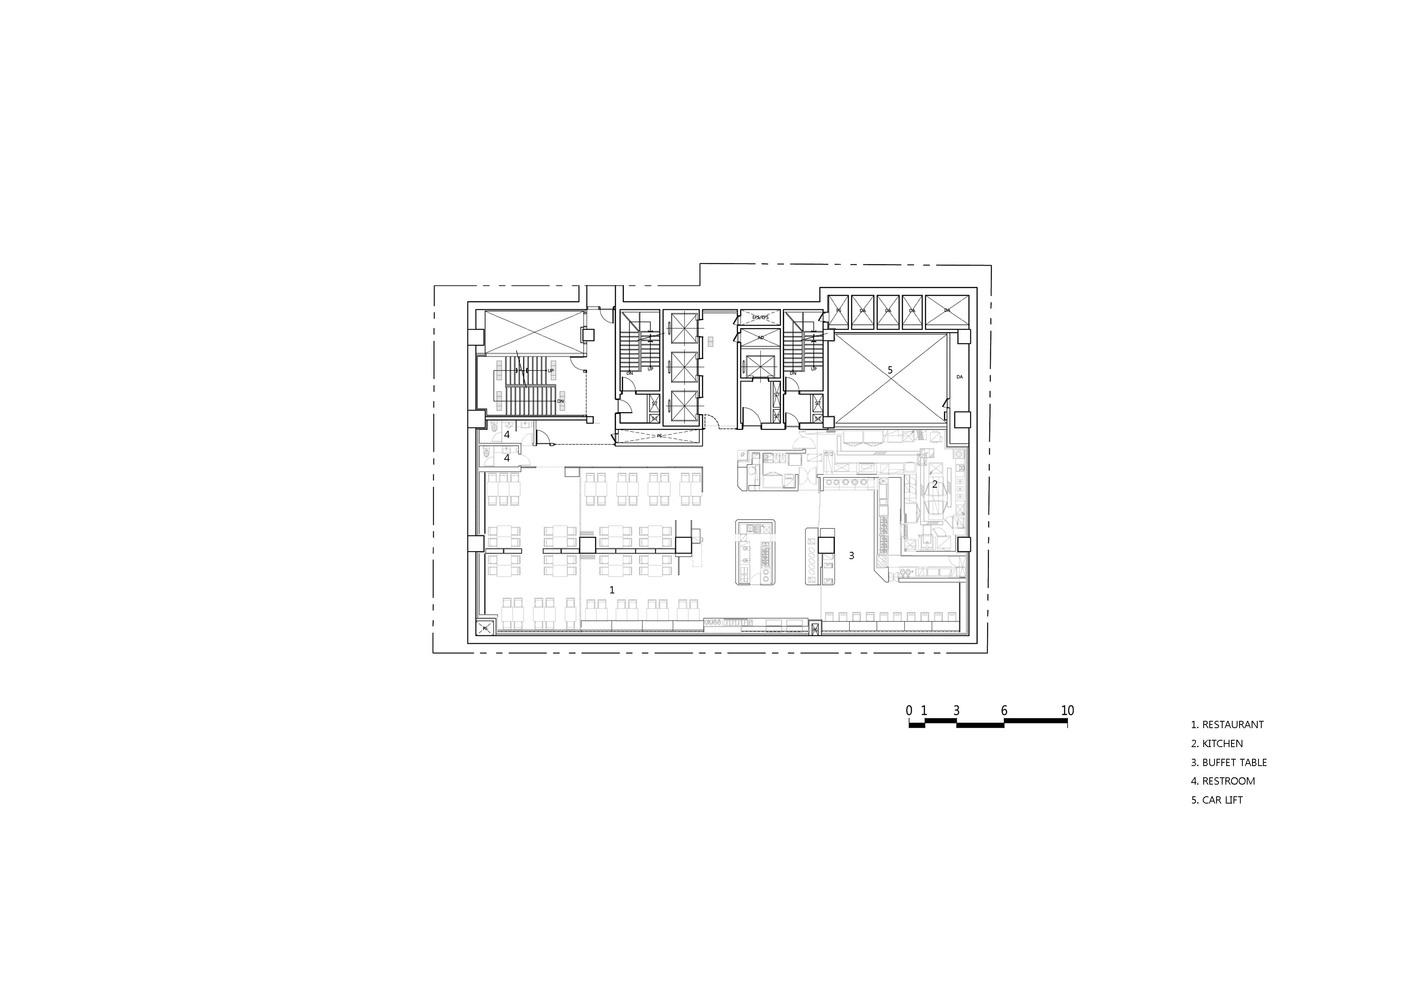 Gallery Of Dormy Inn Premium Garosugil Planearth Architects 25 Car Lift Schematic Garosugilplan 5